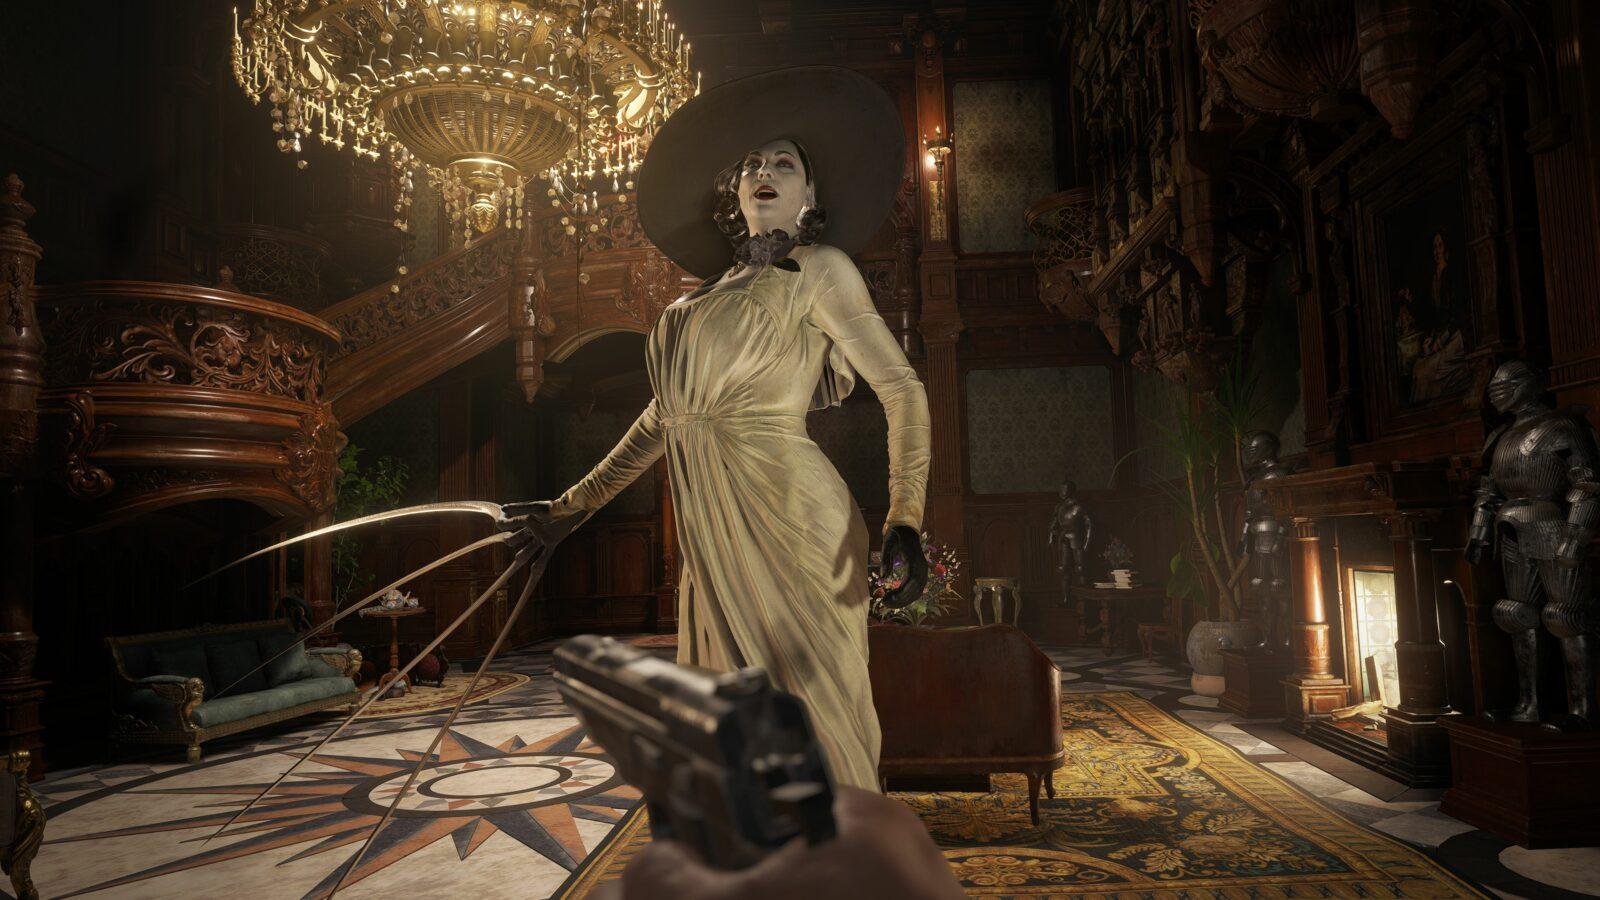 2021-best-games-summer-so-far-resident-evil-8-village-lady-vampire-mommy